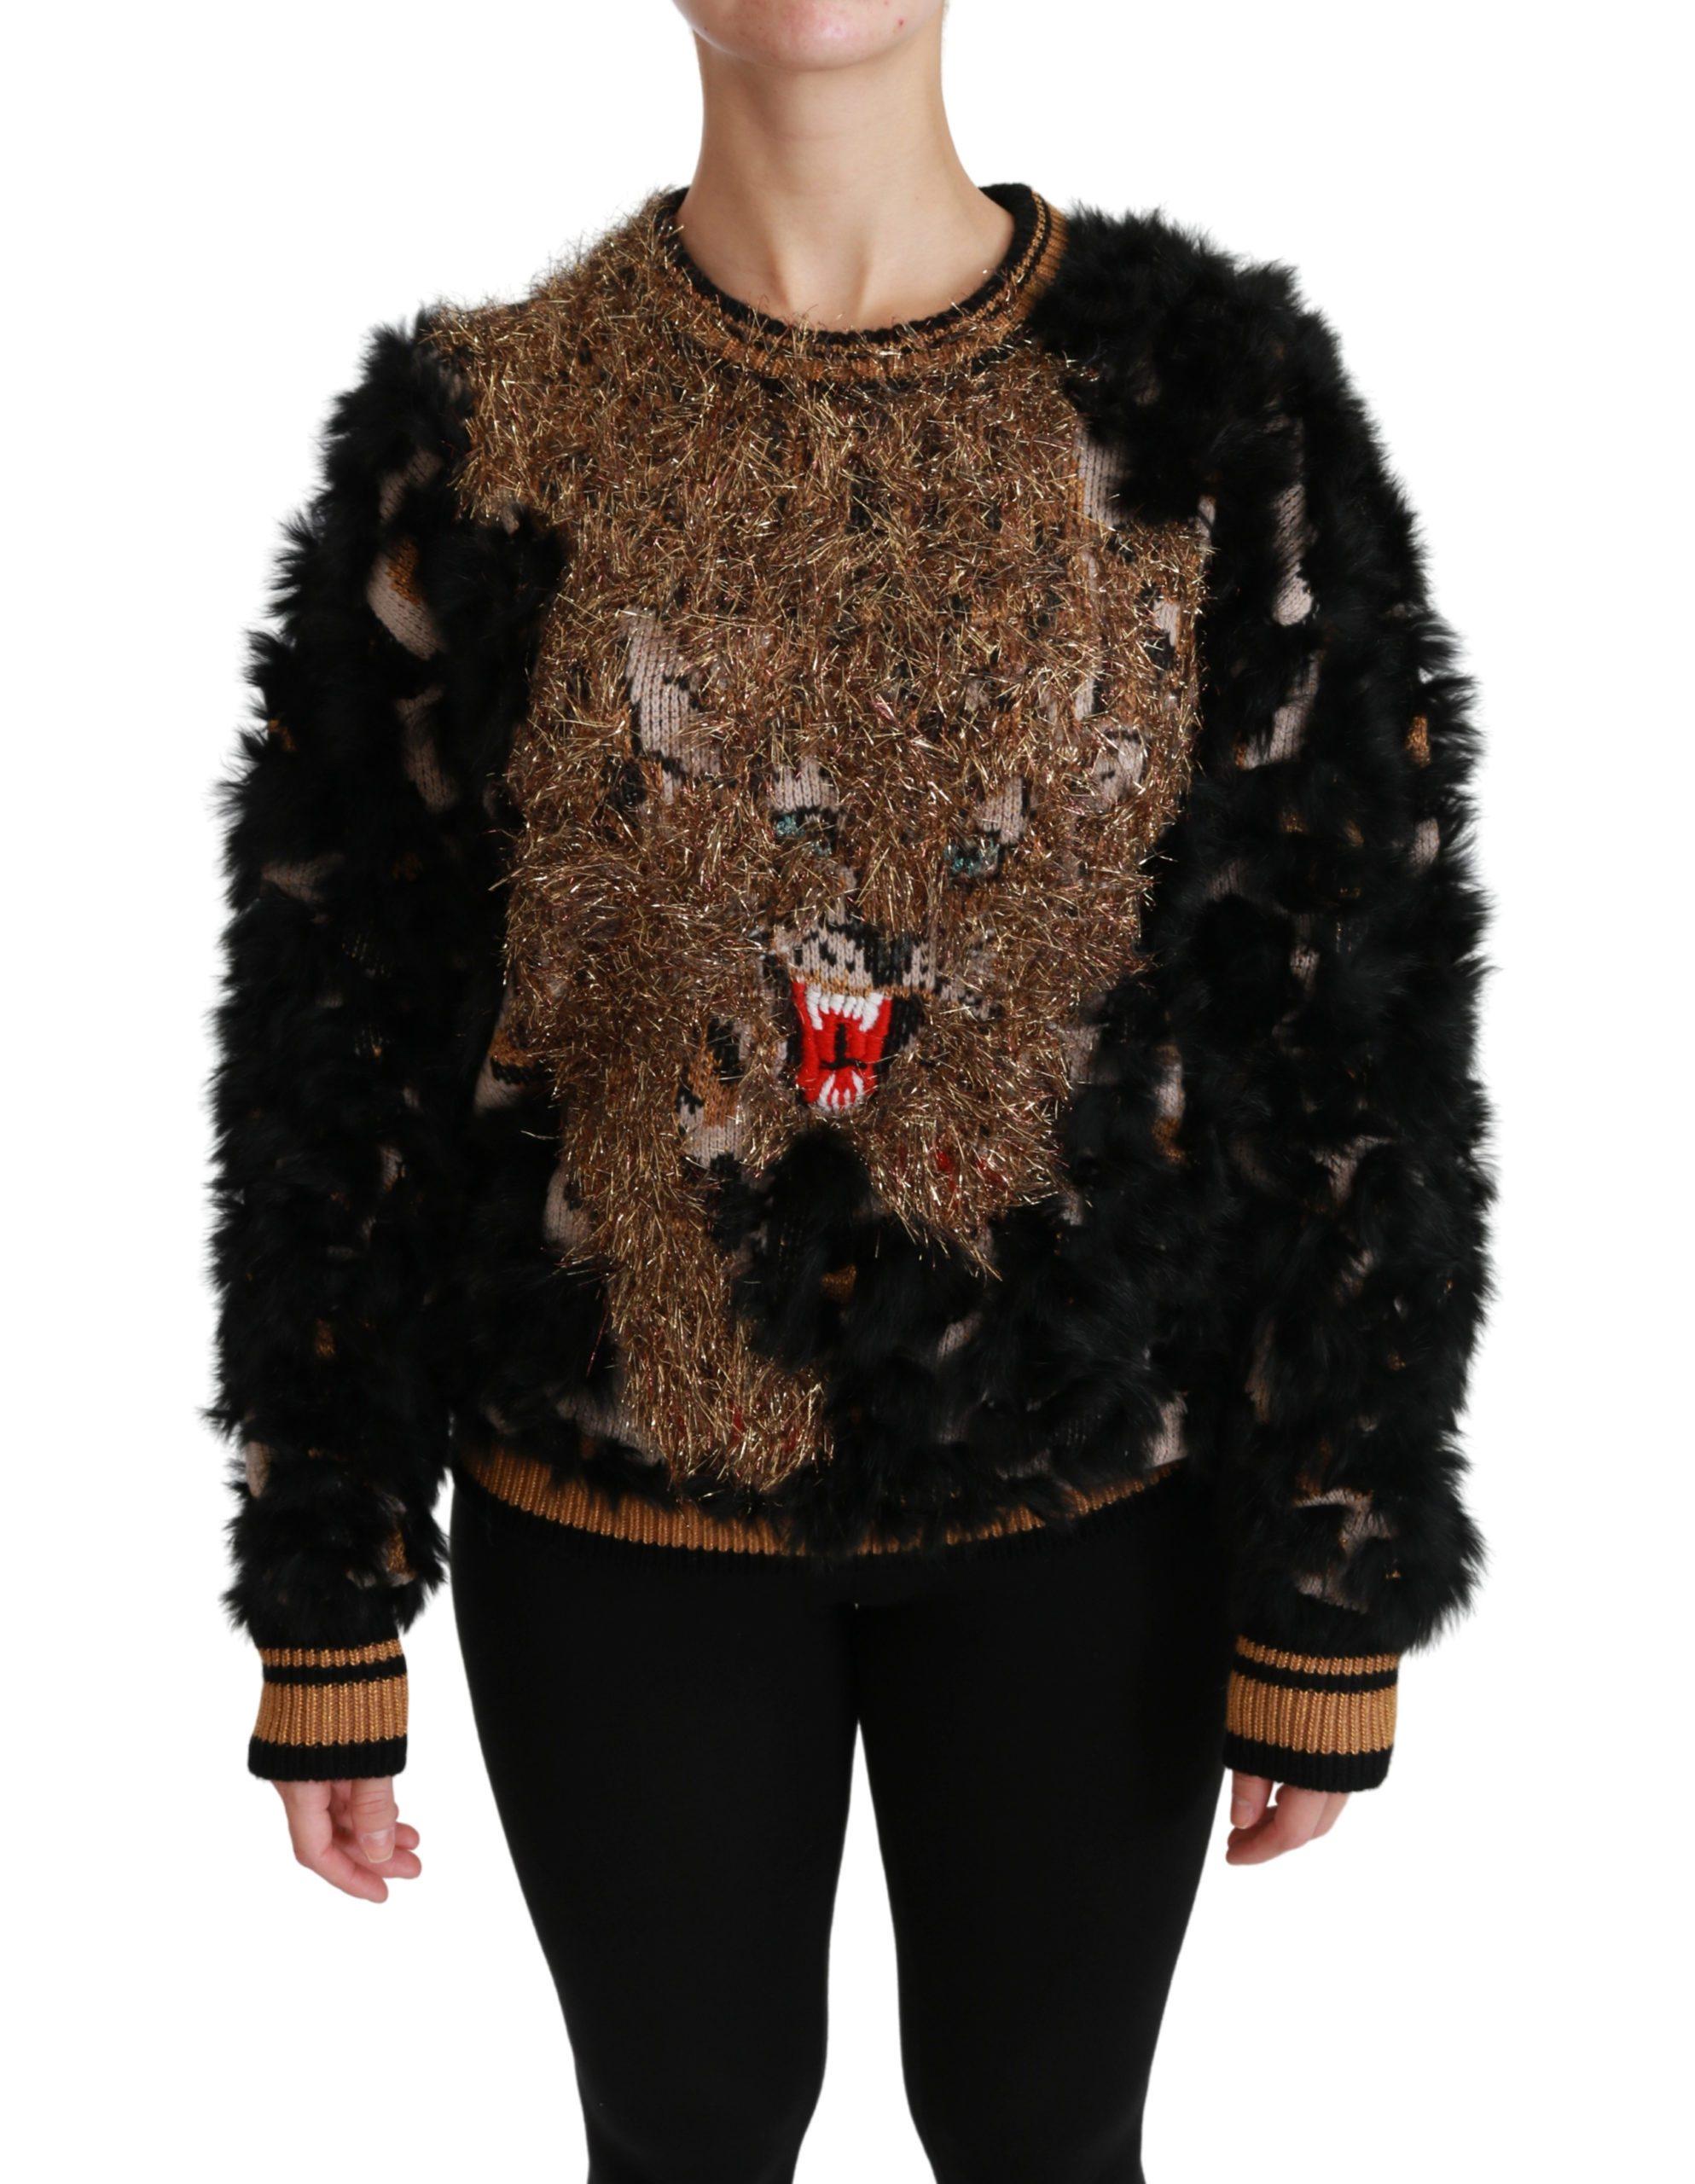 Black Rabbit Fur Pullover Wool Sweater - IT42|M